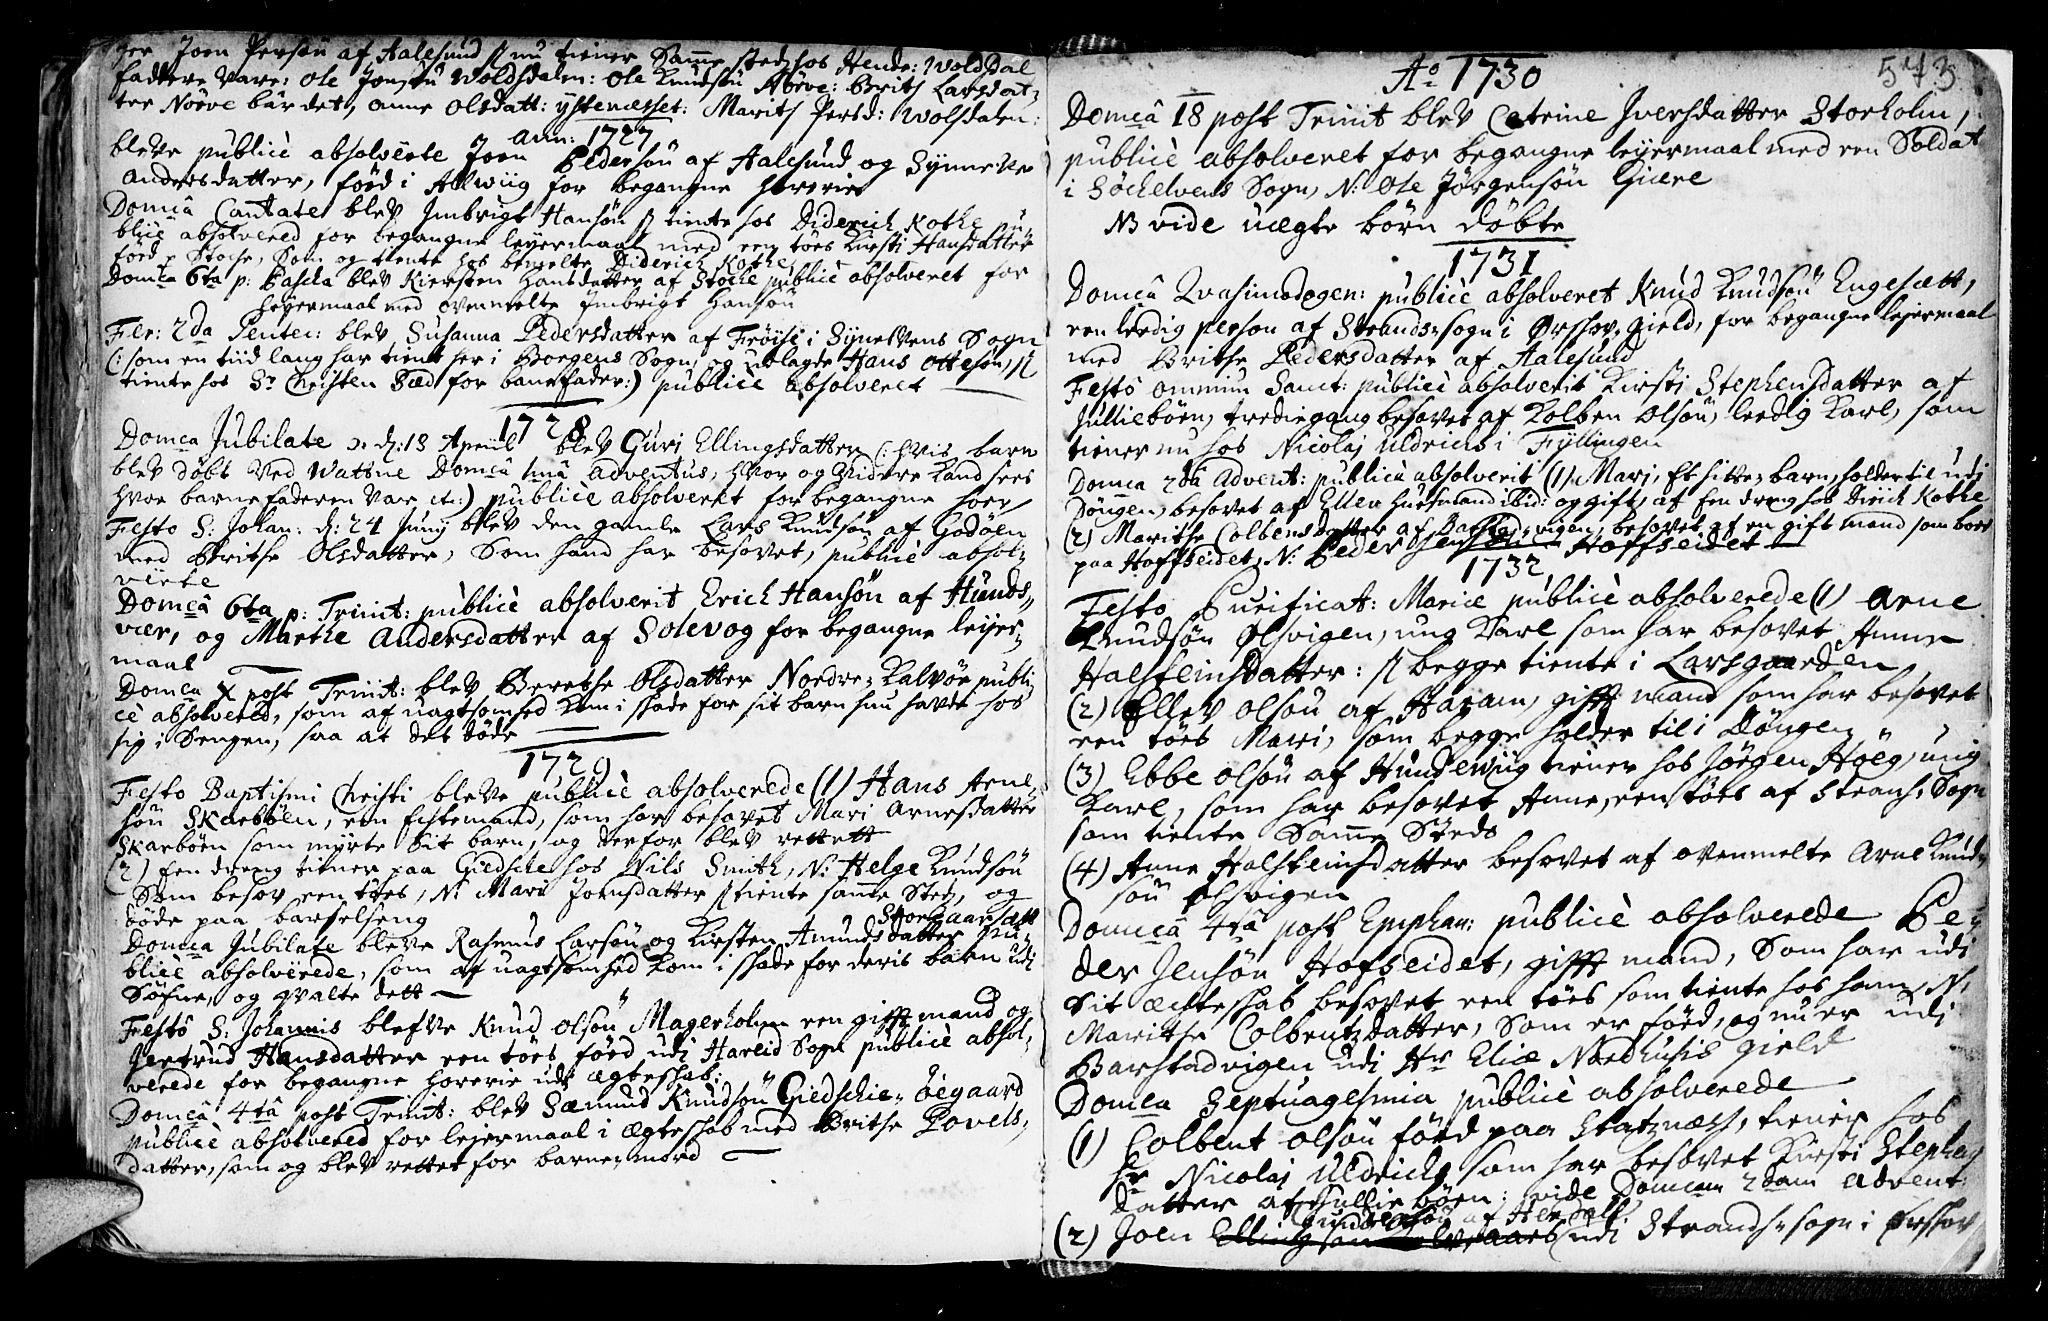 SAT, Ministerialprotokoller, klokkerbøker og fødselsregistre - Møre og Romsdal, 528/L0390: Ministerialbok nr. 528A01, 1698-1739, s. 572-573